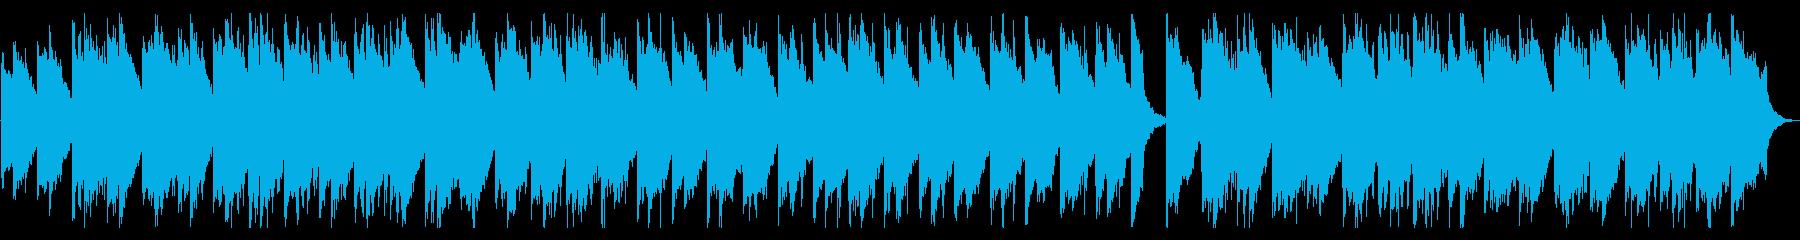 軽快でコミカルなワルツの再生済みの波形